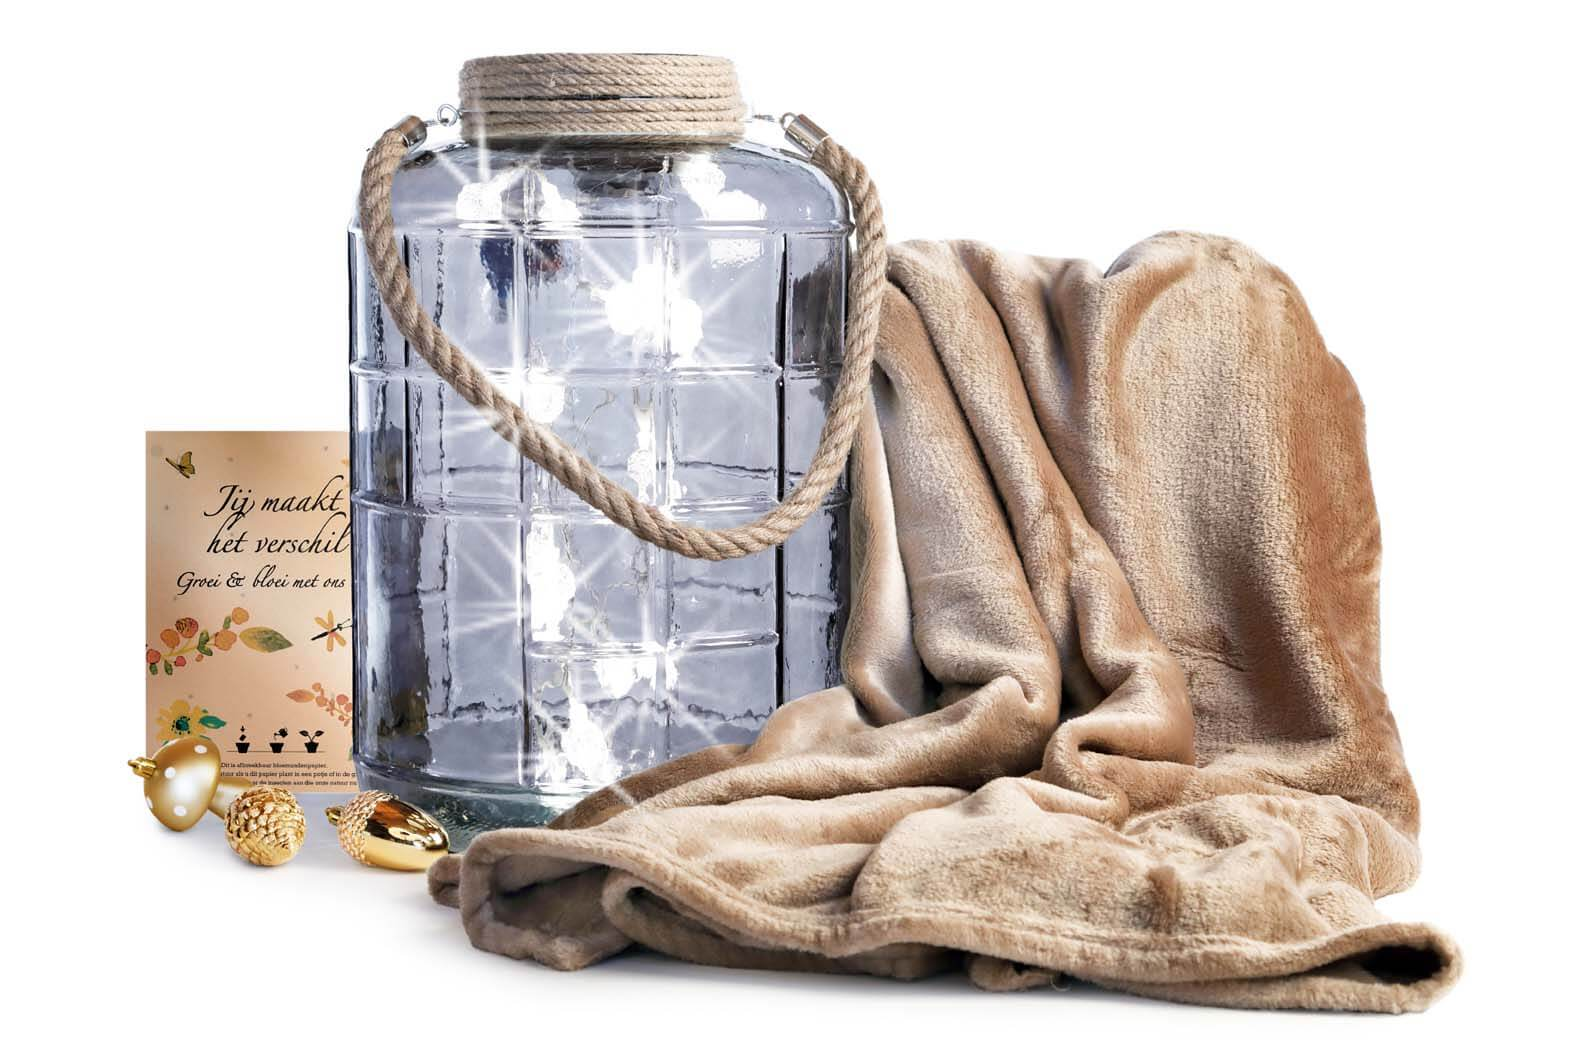 Creatieve kerstpakketten, een leuk en origineel cadeau